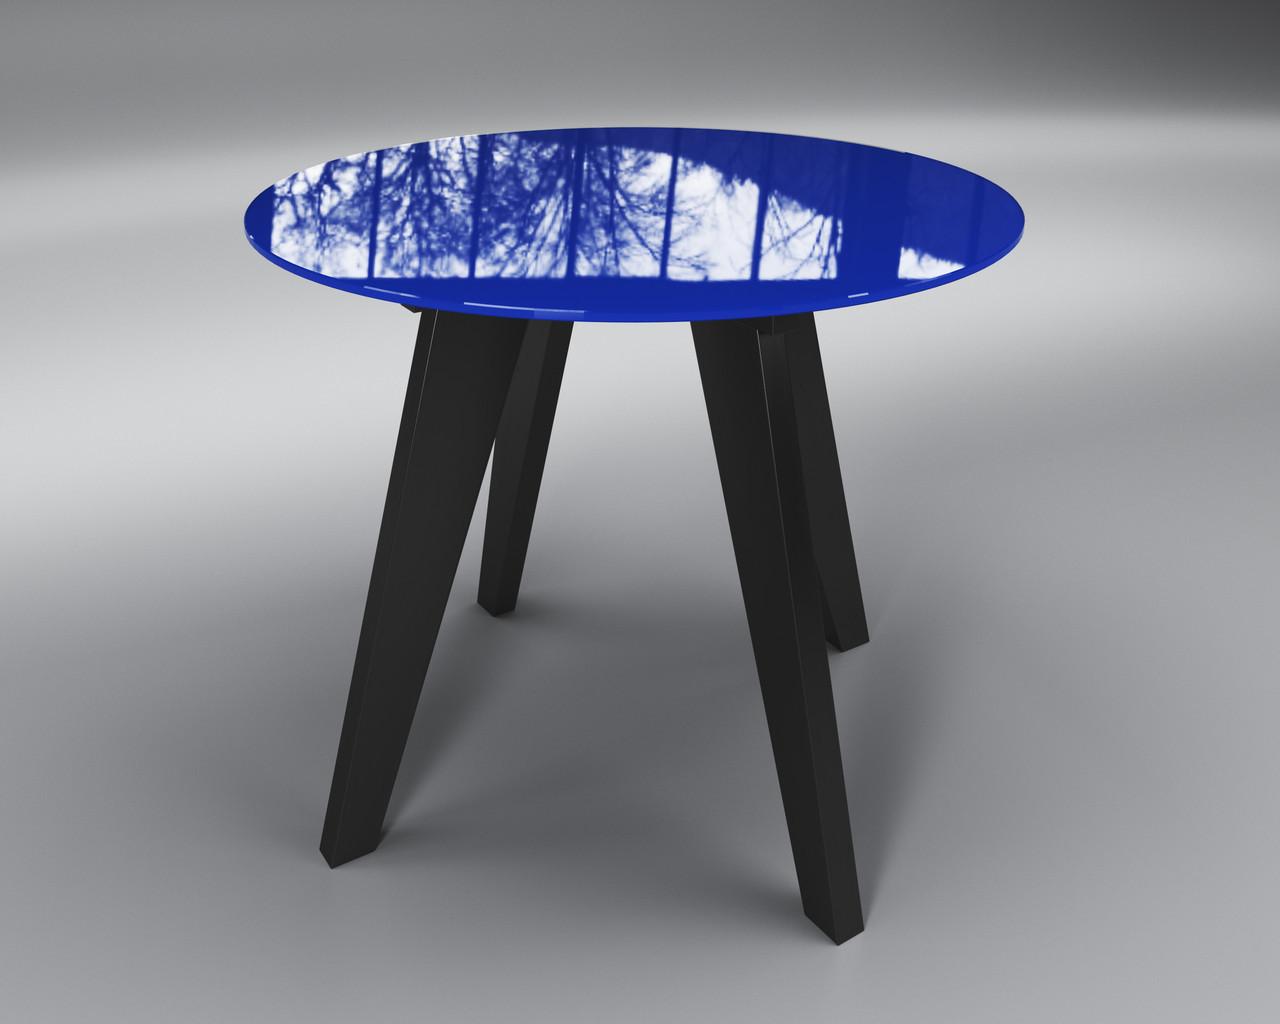 Стол стеклянный Леонардо Круг сине-черный